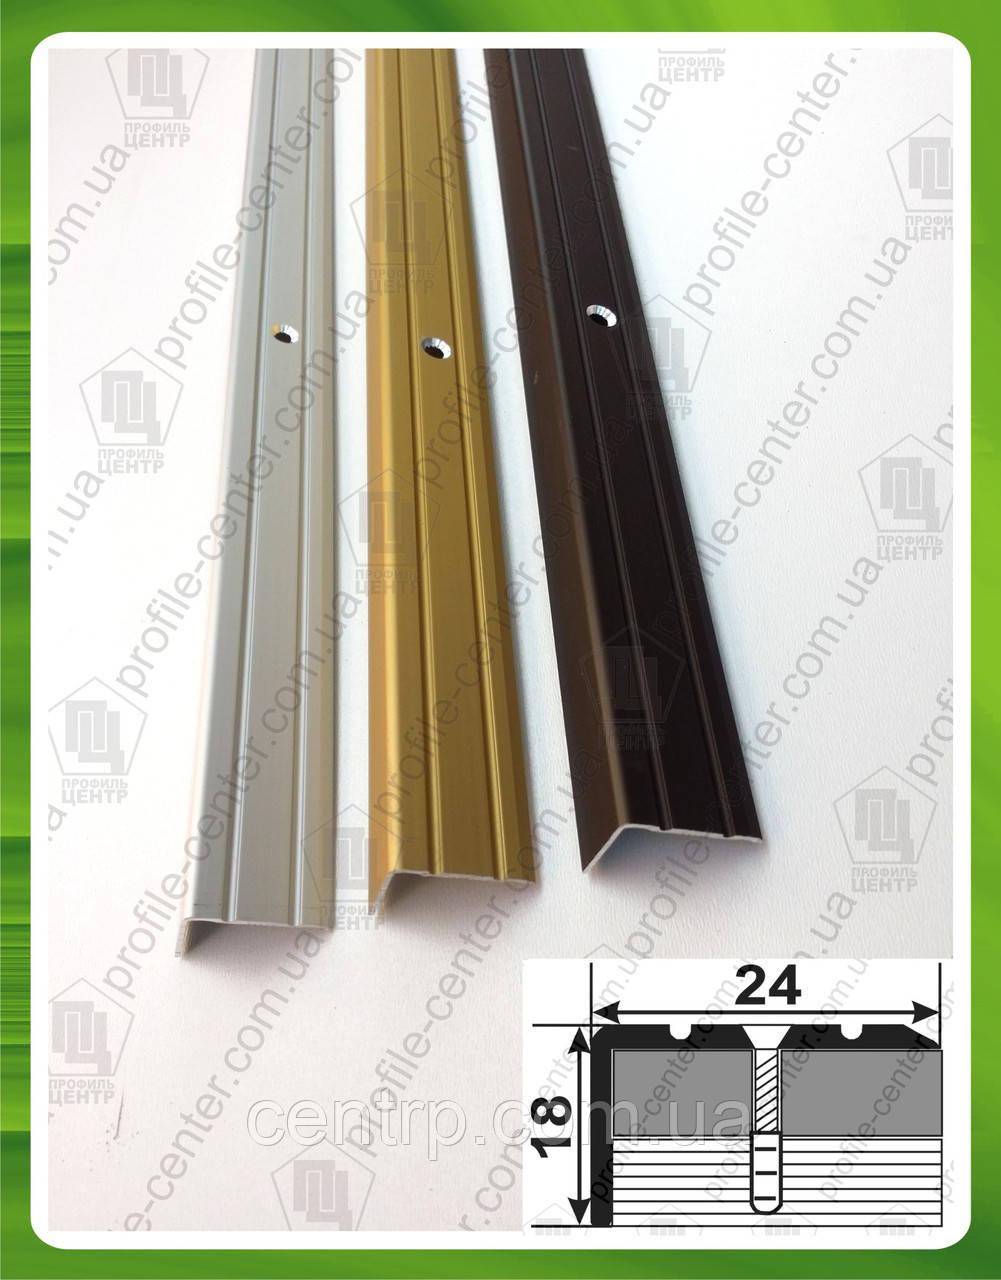 Лестничный угловой порожек 24*18  УЛ 121 анод